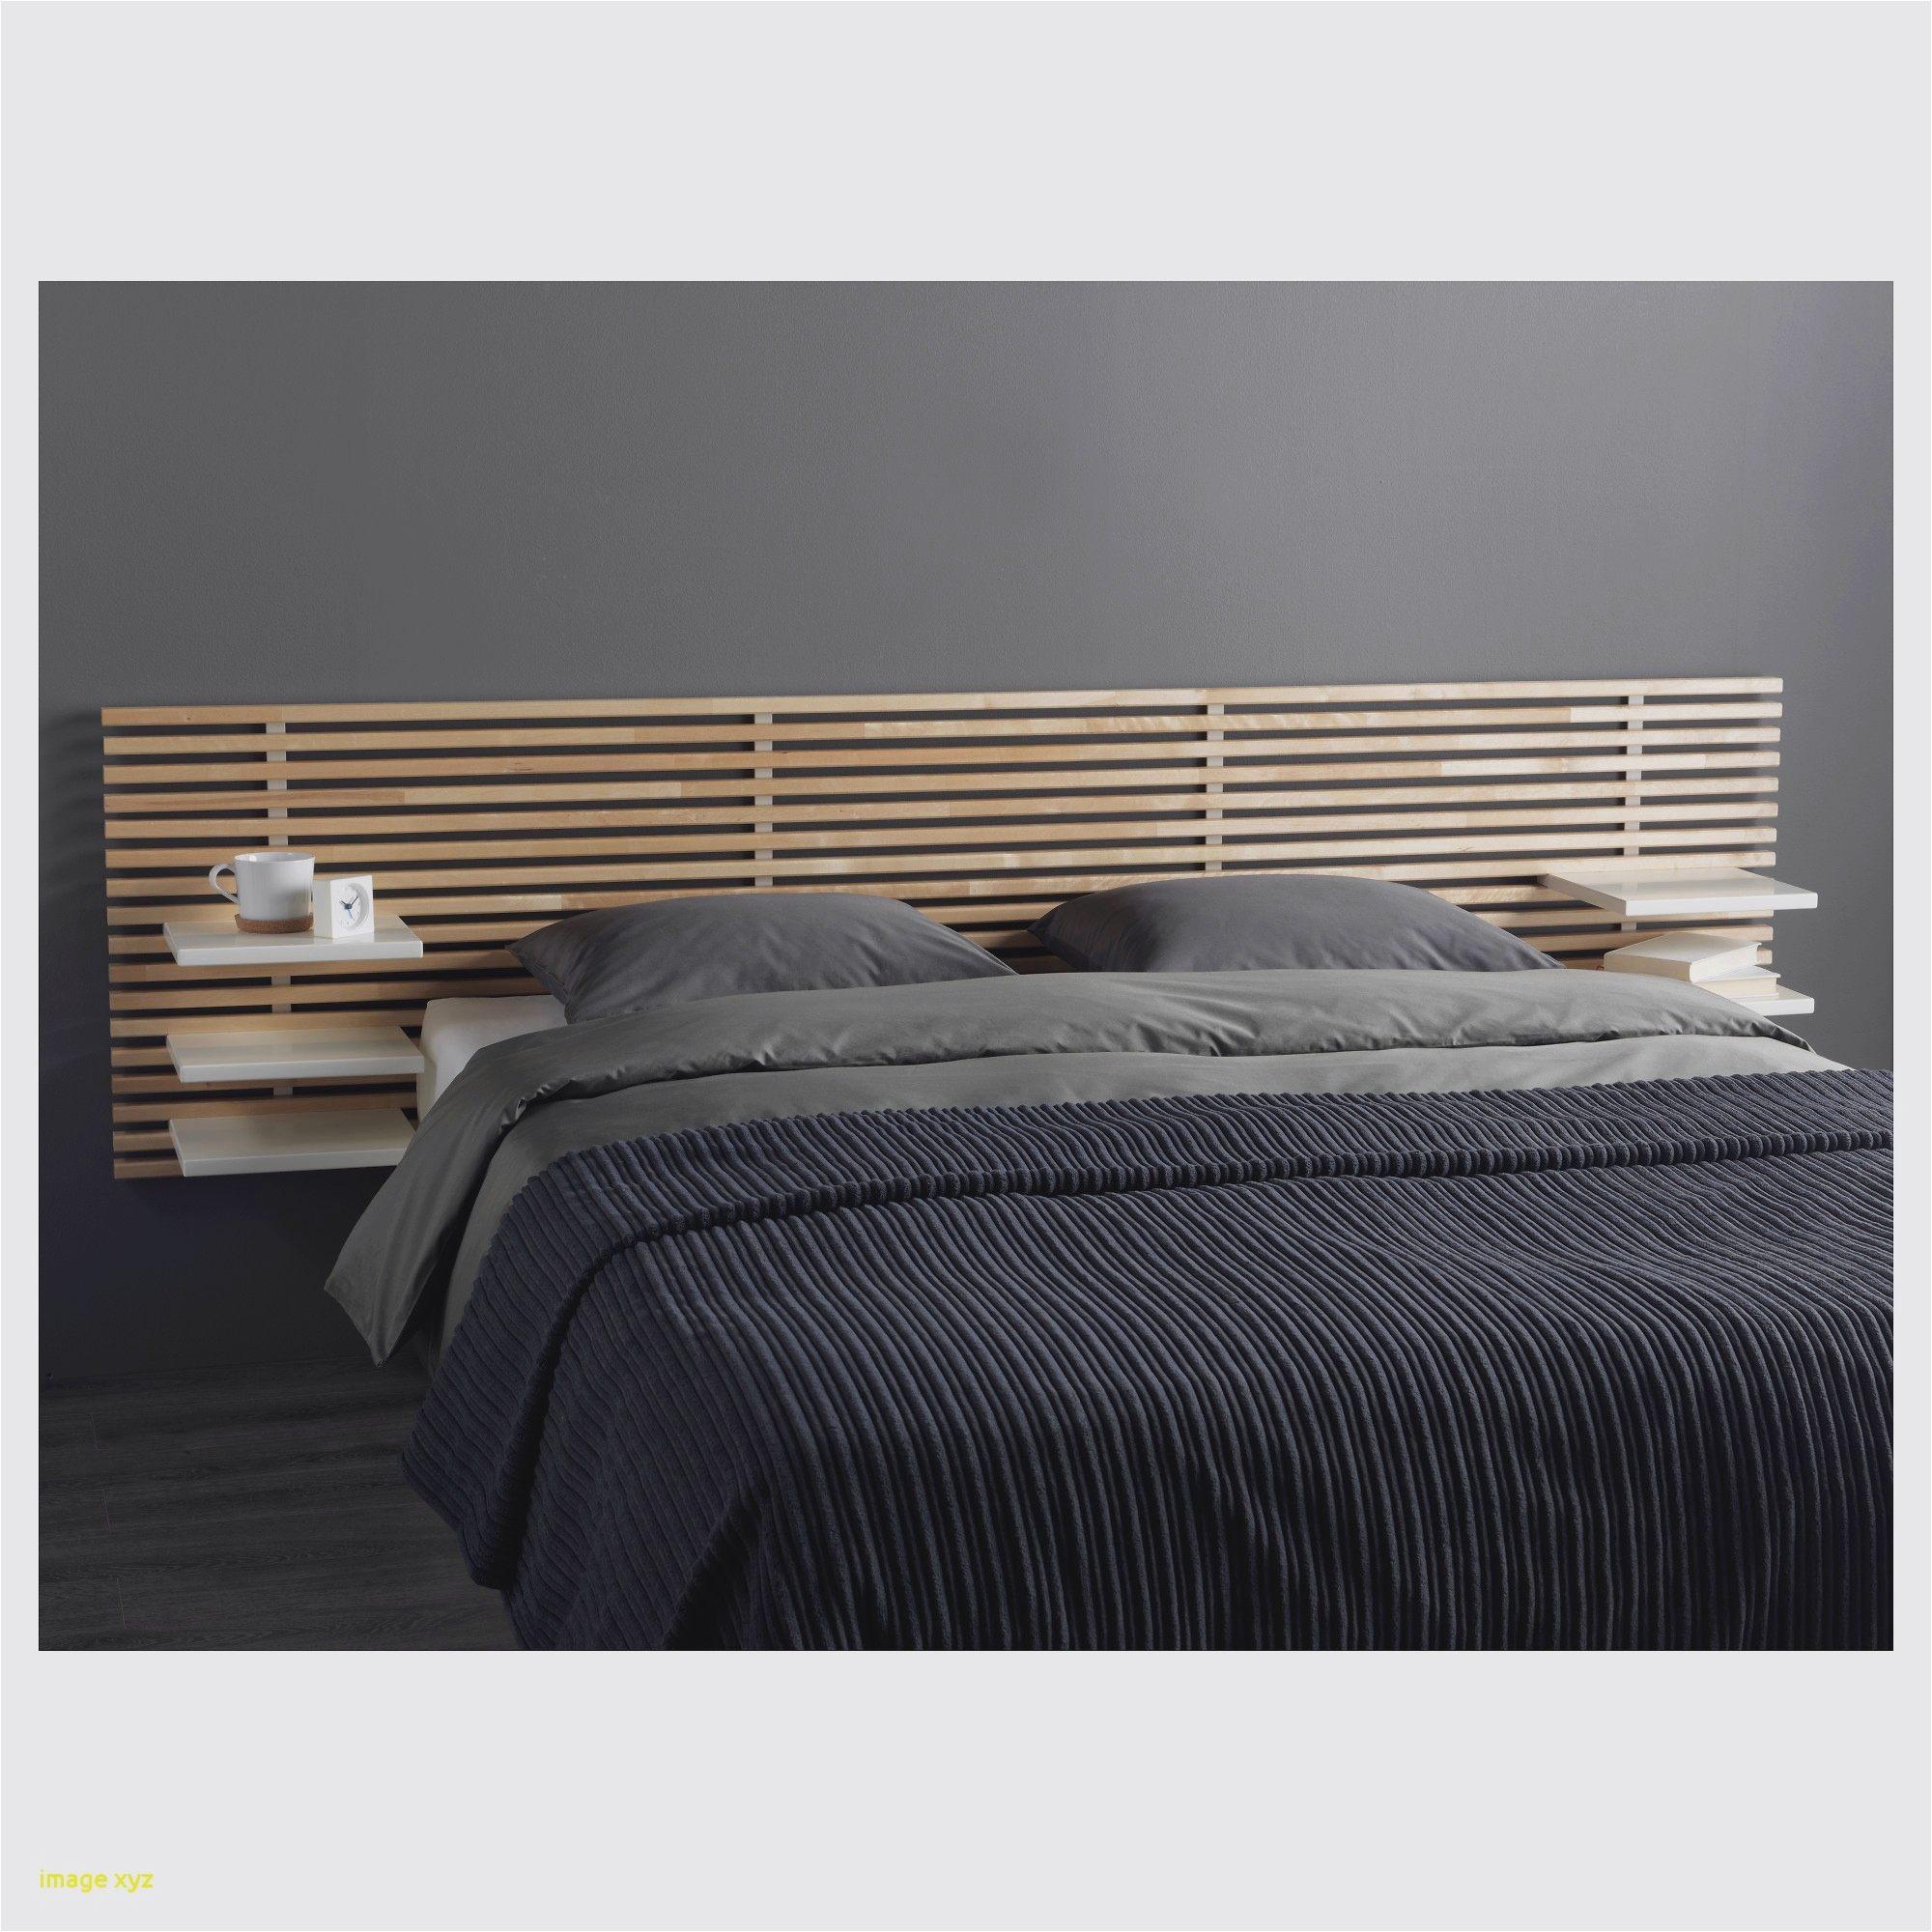 Lit Japonais Ikea Frais Lit Japonais Design Beau Lit Japonais Pas Cher Inspirant Applique